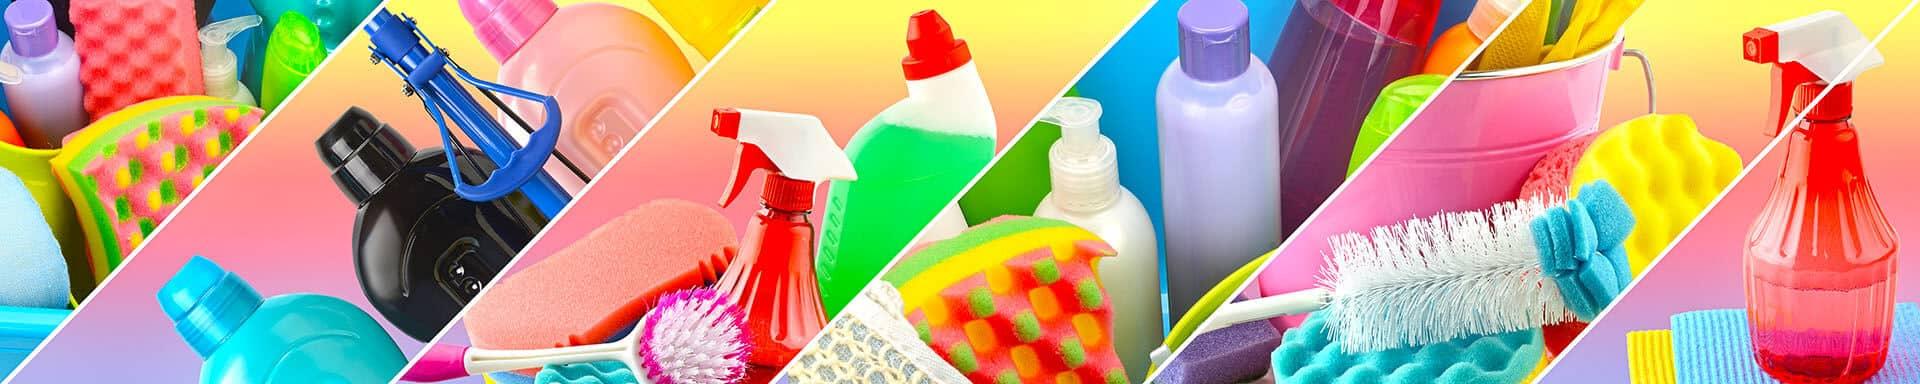 Bazar Lissa Home casalinghi prodotti pulizia casa schio vicenza